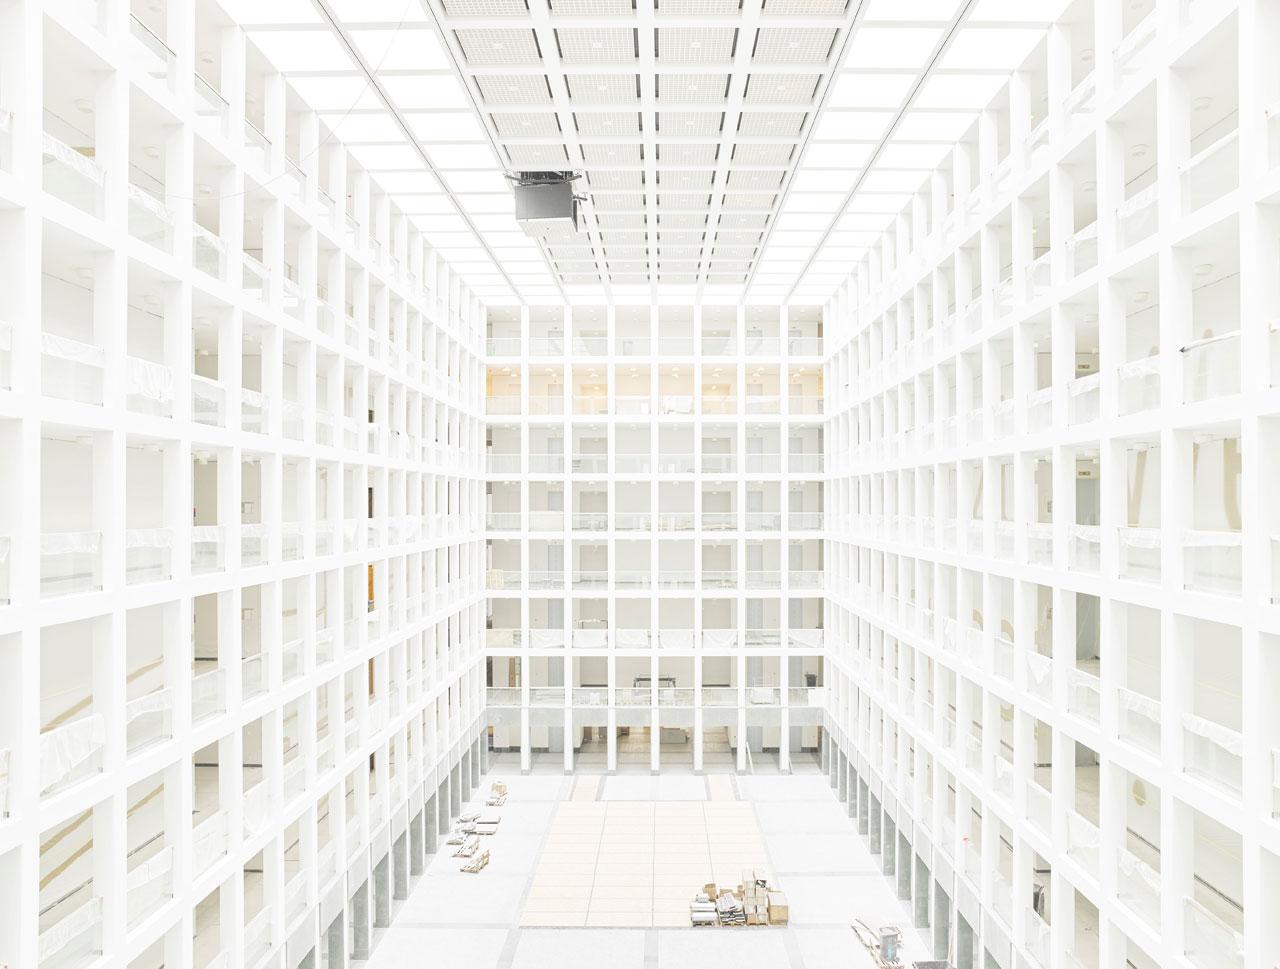 Neue BND-Zentrale in Berlin. Innenansicht eines der drei riesigen Atrien im Zentralgebäude. Anhand kleiner Details sieht man, dass die neue BND-Zentrale weder fertiggestellt noch bezogen ist.